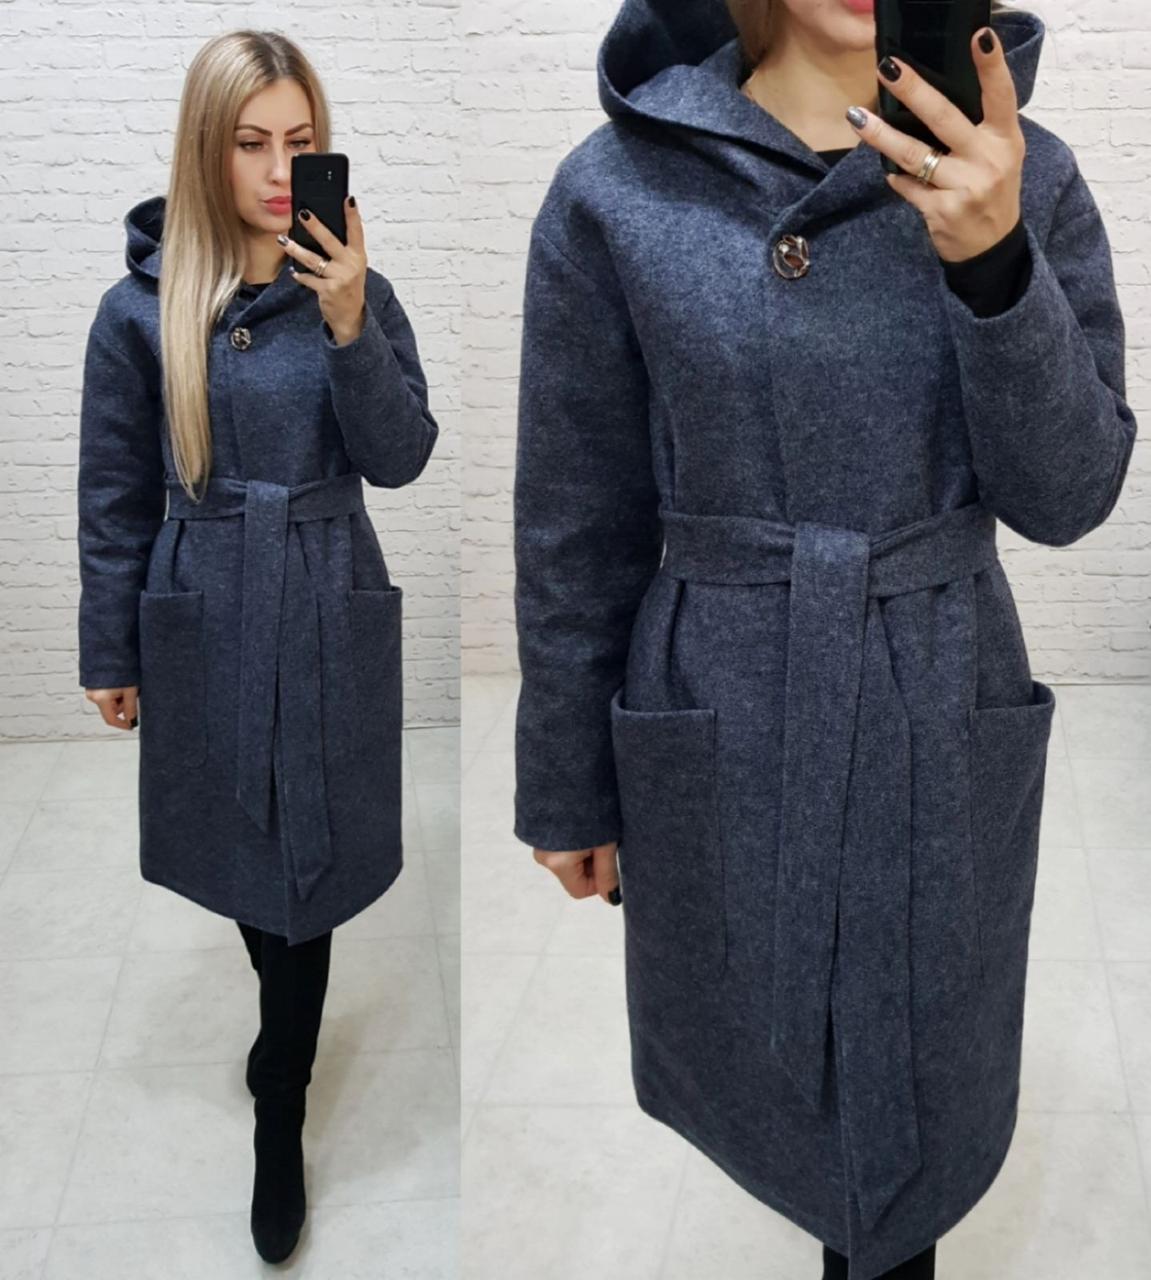 Теплое пальто с капюшоном, кашемировое, ЕВРО-ЗИМА, цвет темно-синий, арт 176